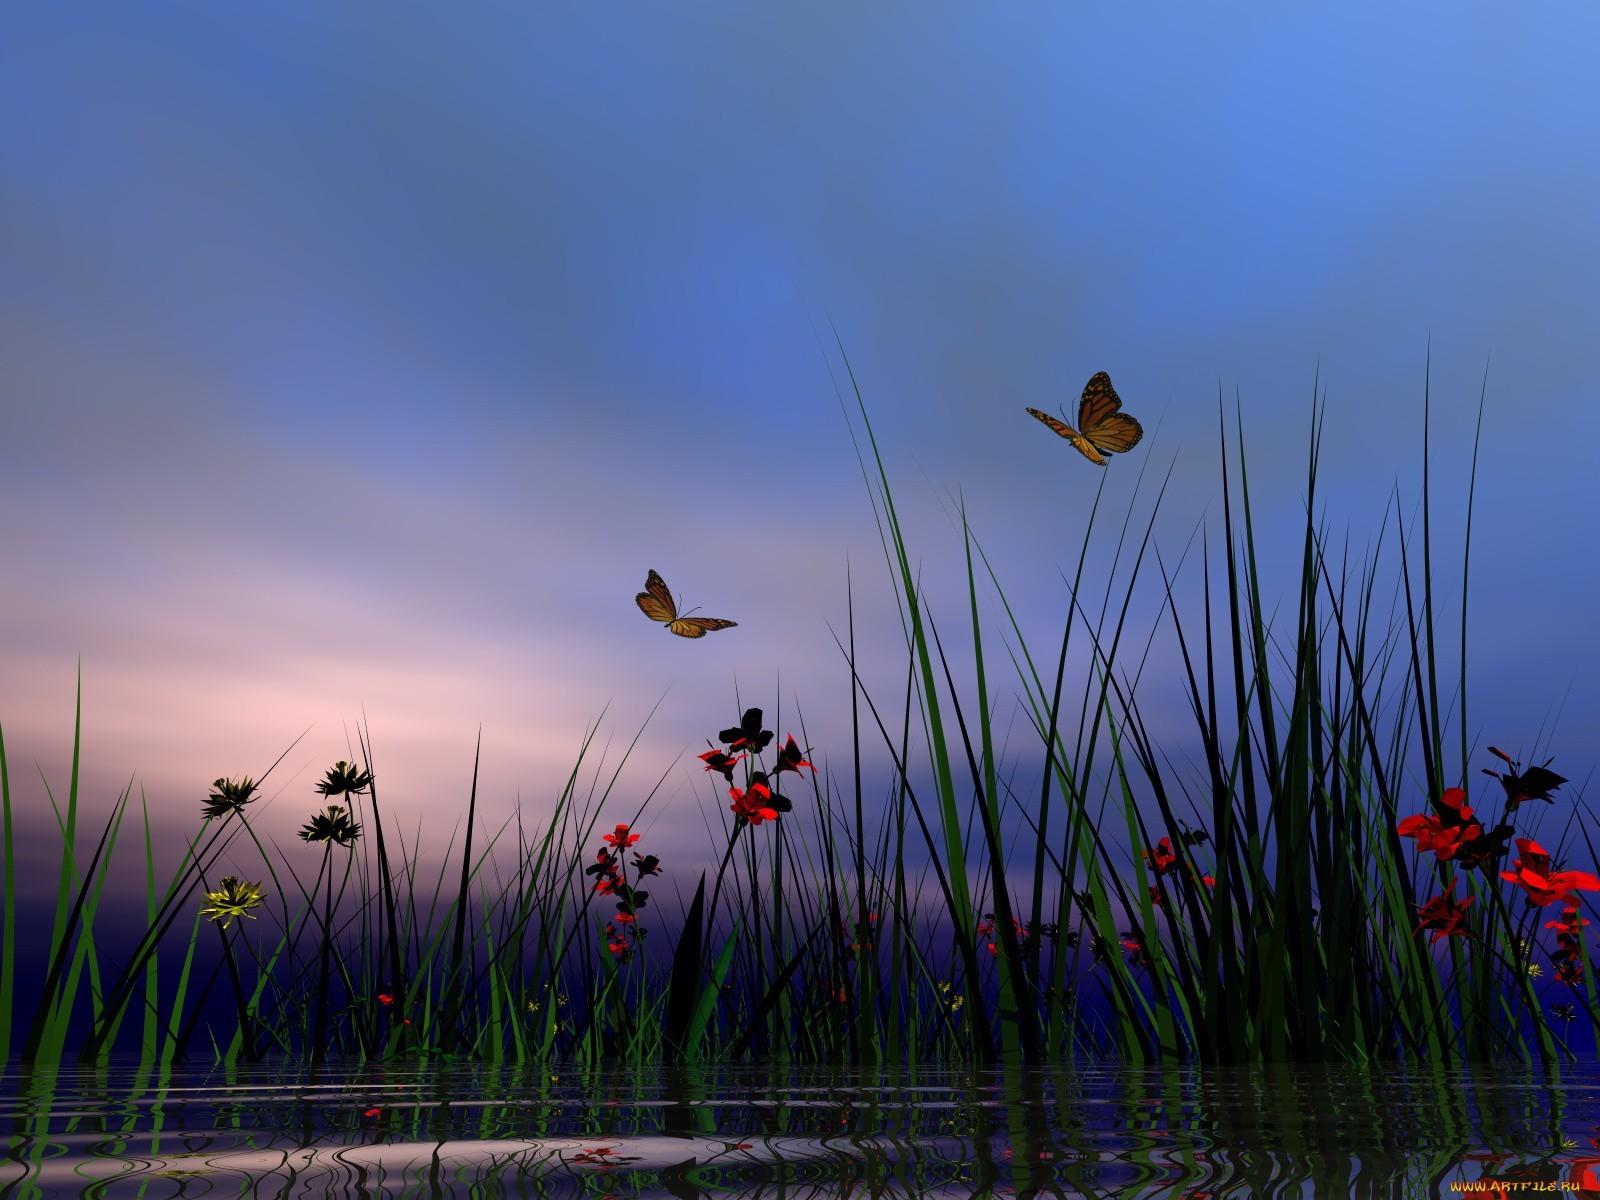 20022 Hintergrundbild herunterladen Pflanzen, Insekten, Schmetterlinge, Blumen, Grass - Bildschirmschoner und Bilder kostenlos